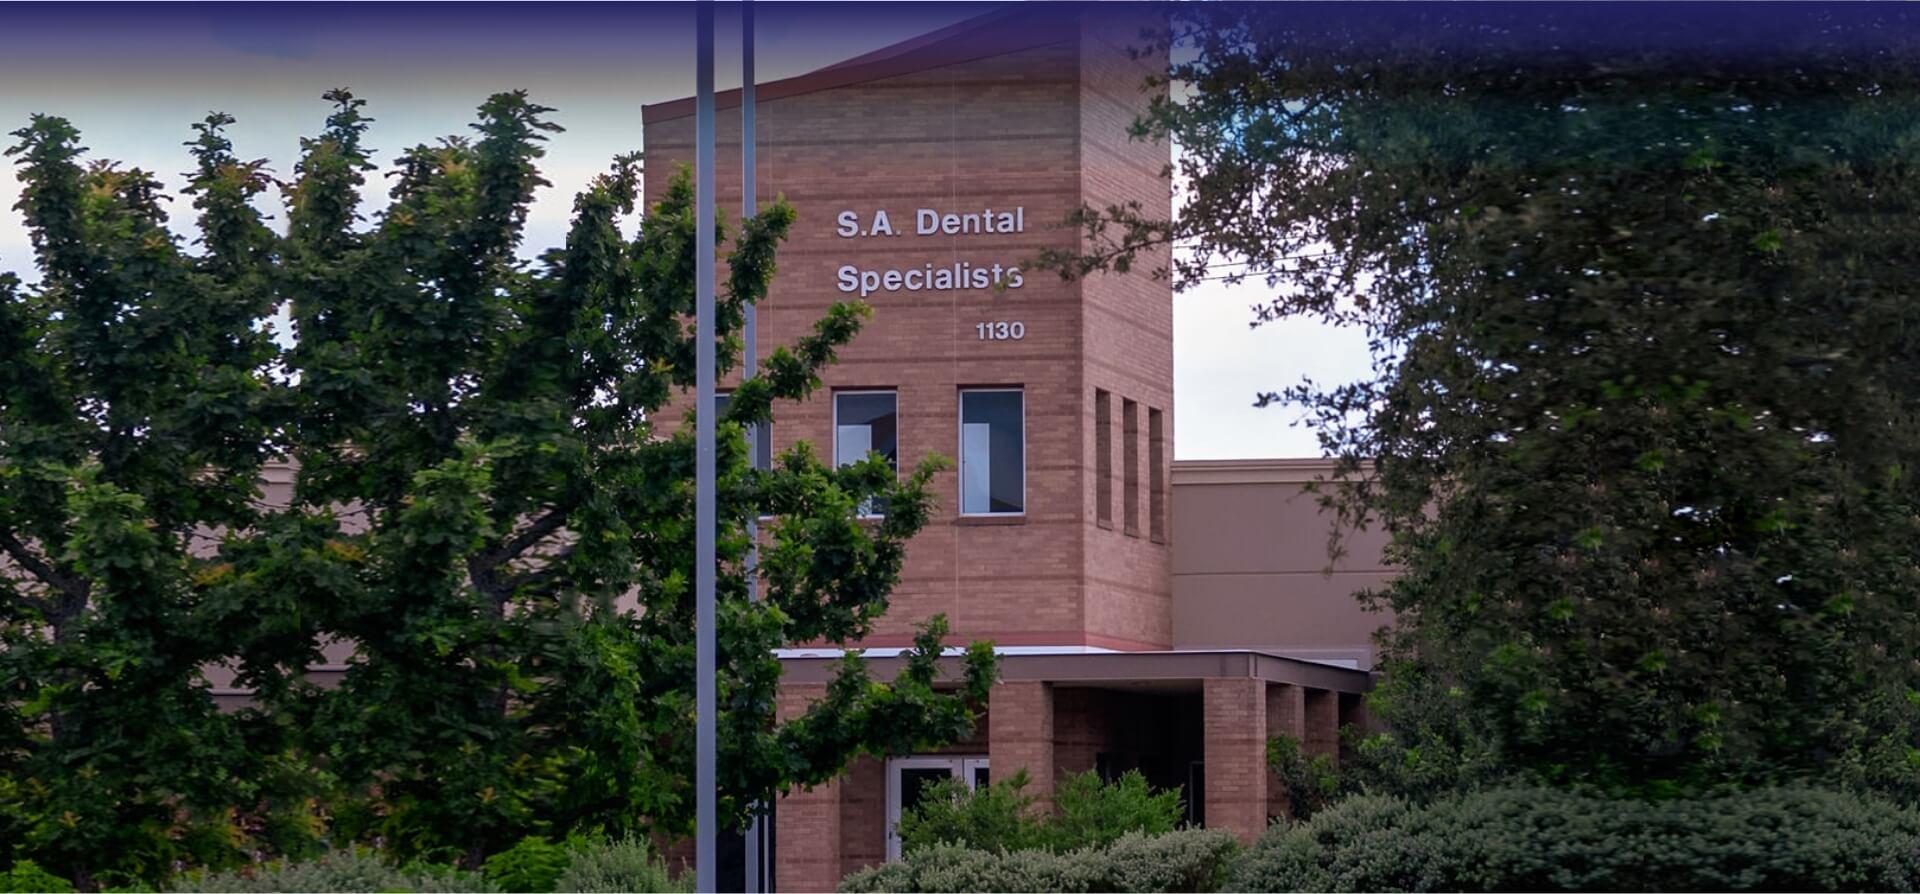 Endodontic Consultants of San Antonio Building